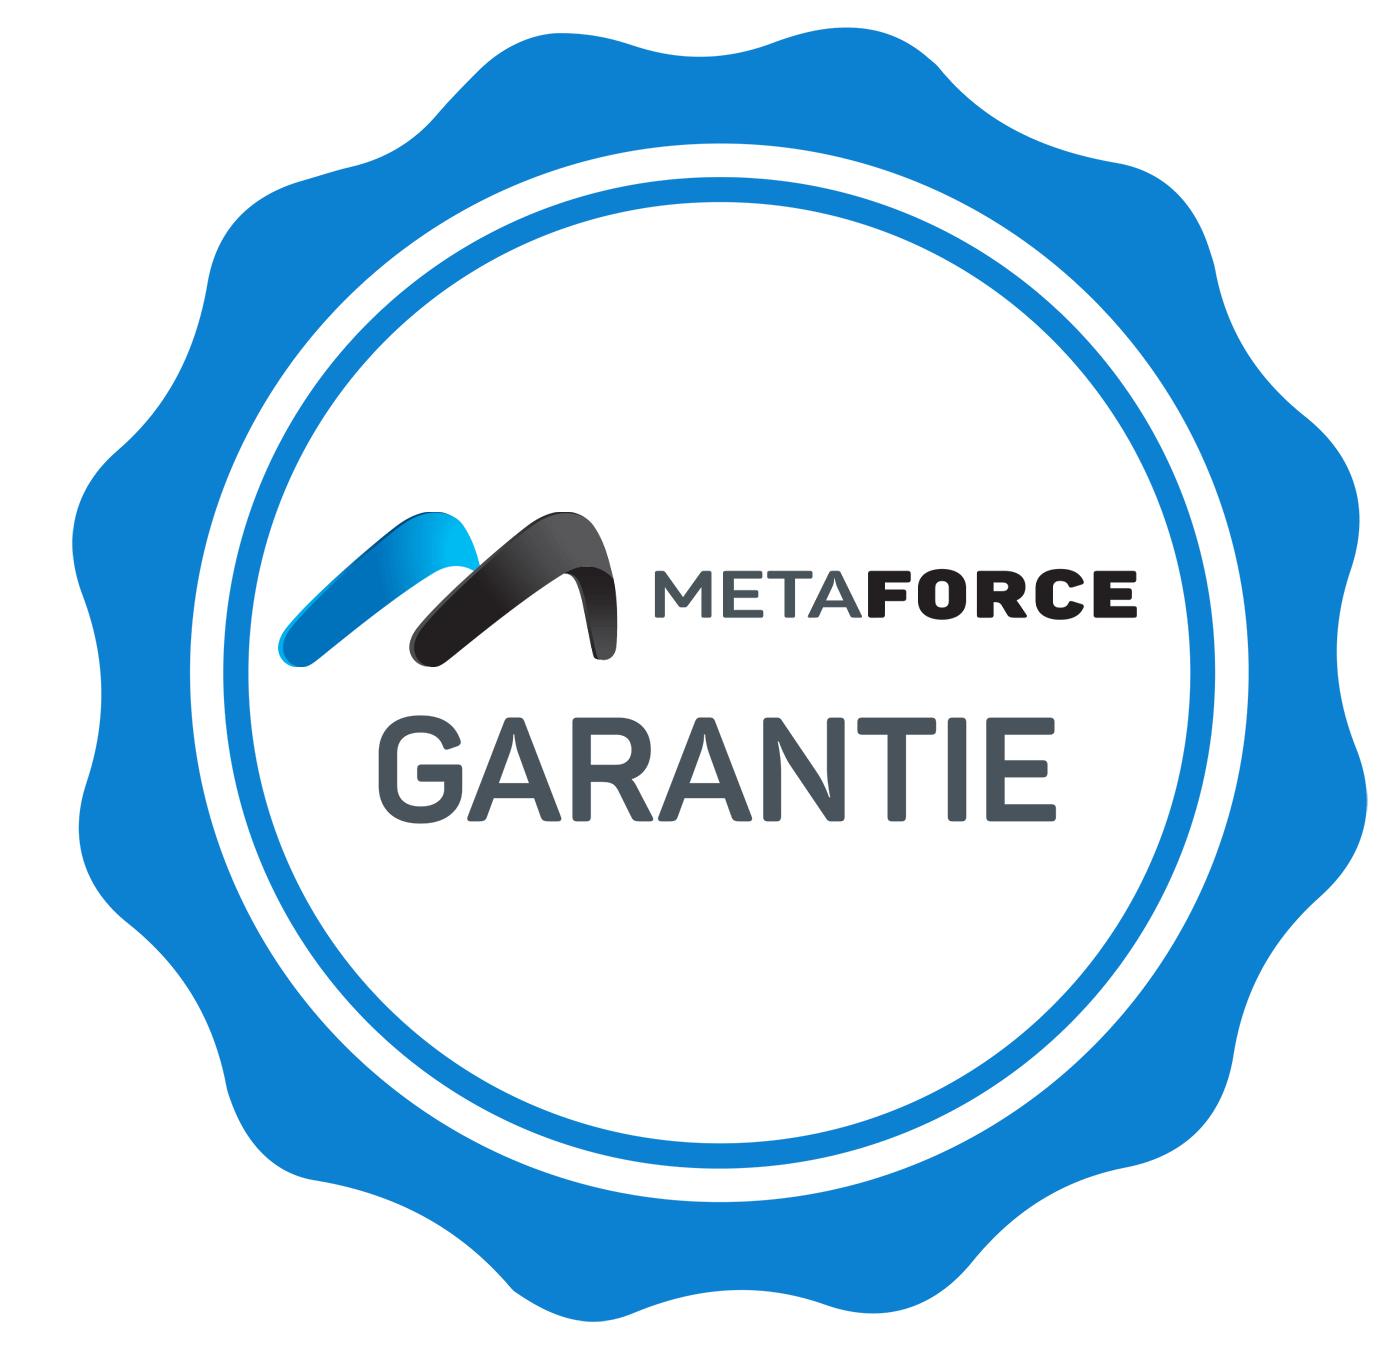 MetaForce Garantie